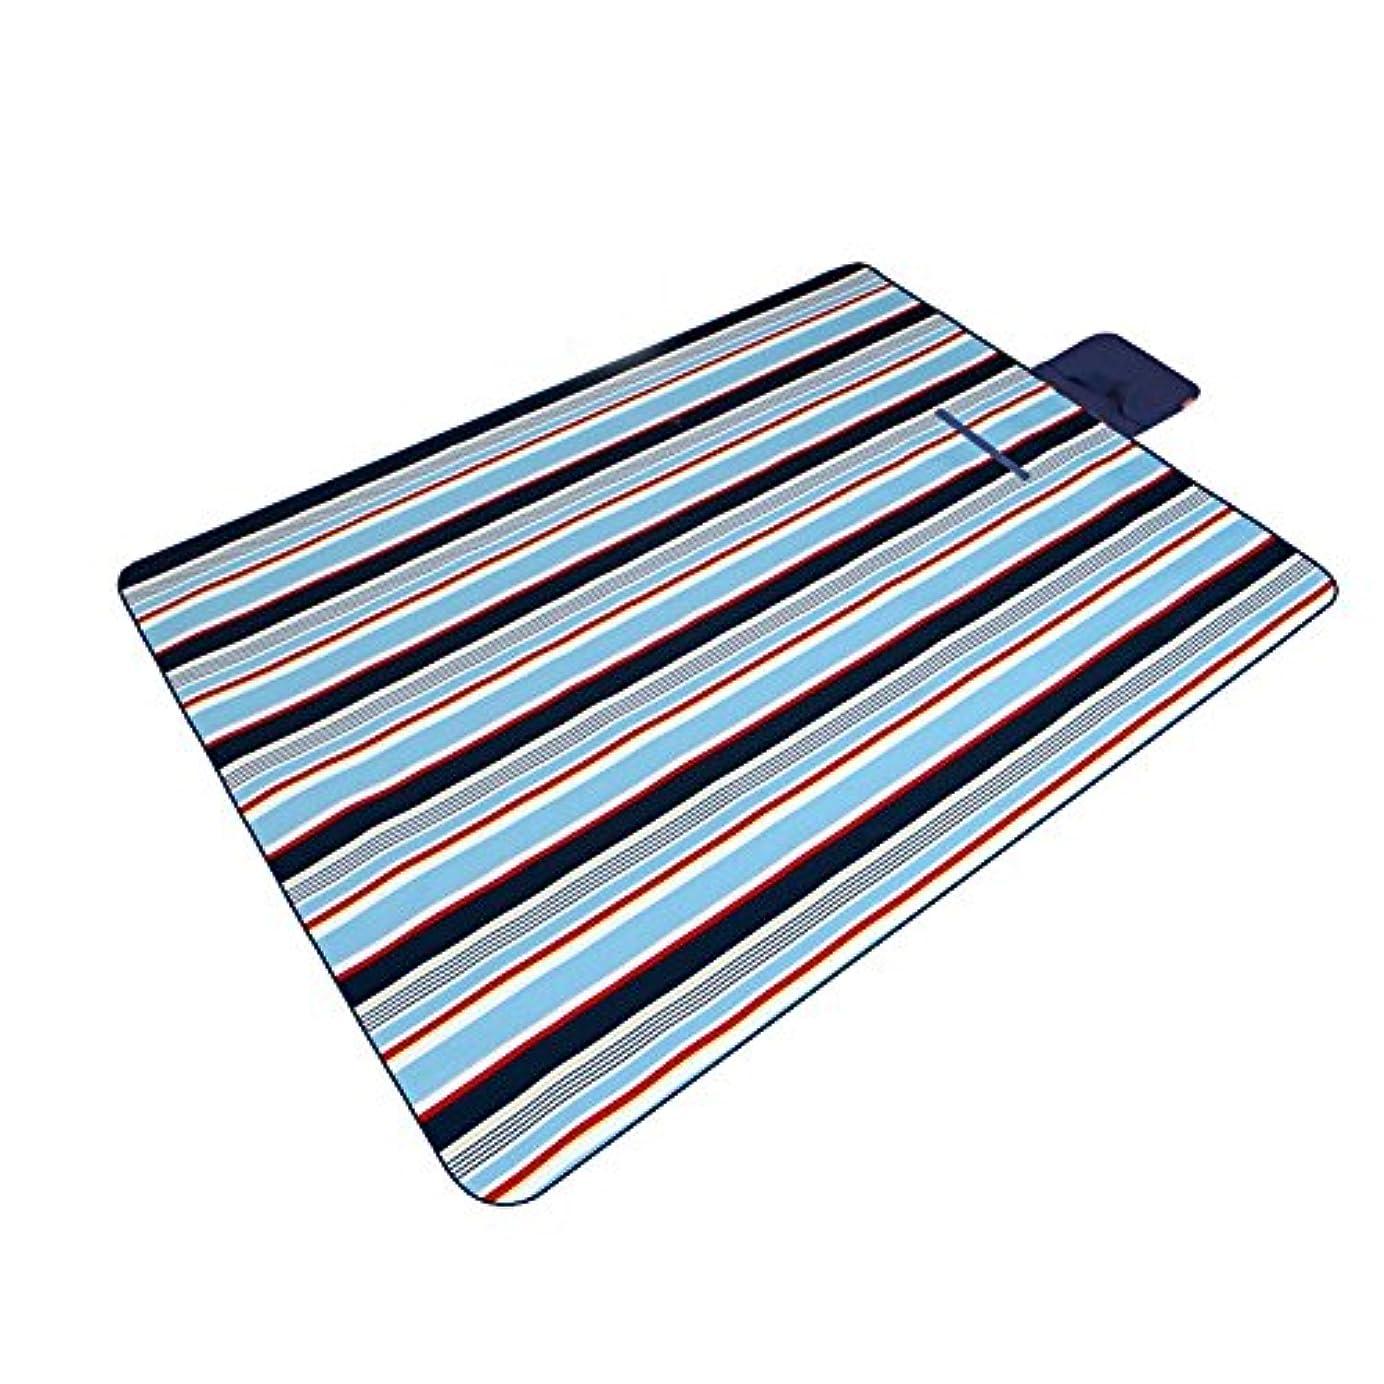 バイソン嵐おめでとう水分パッド/屋外オックスフォード布の水分パッド/リビングルームベビークロールマット(200 * 145センチメートル/ 2色) (色 : A)